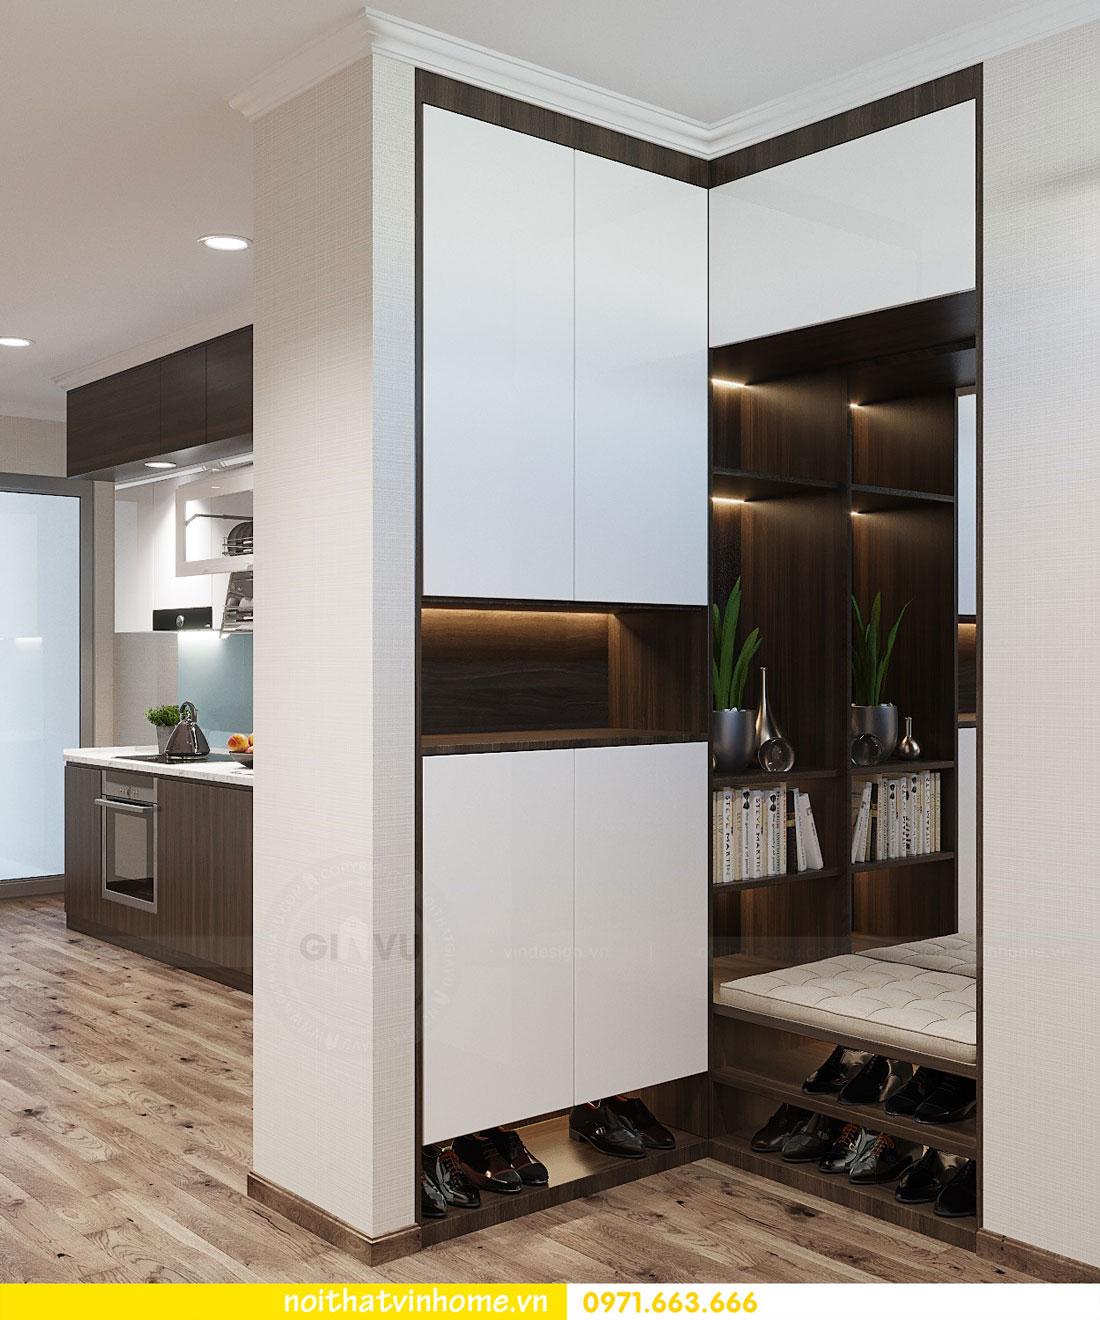 thiết kế nội thất tại chung cư Park Hill tòa P7 căn 12 - anh Điệp 01